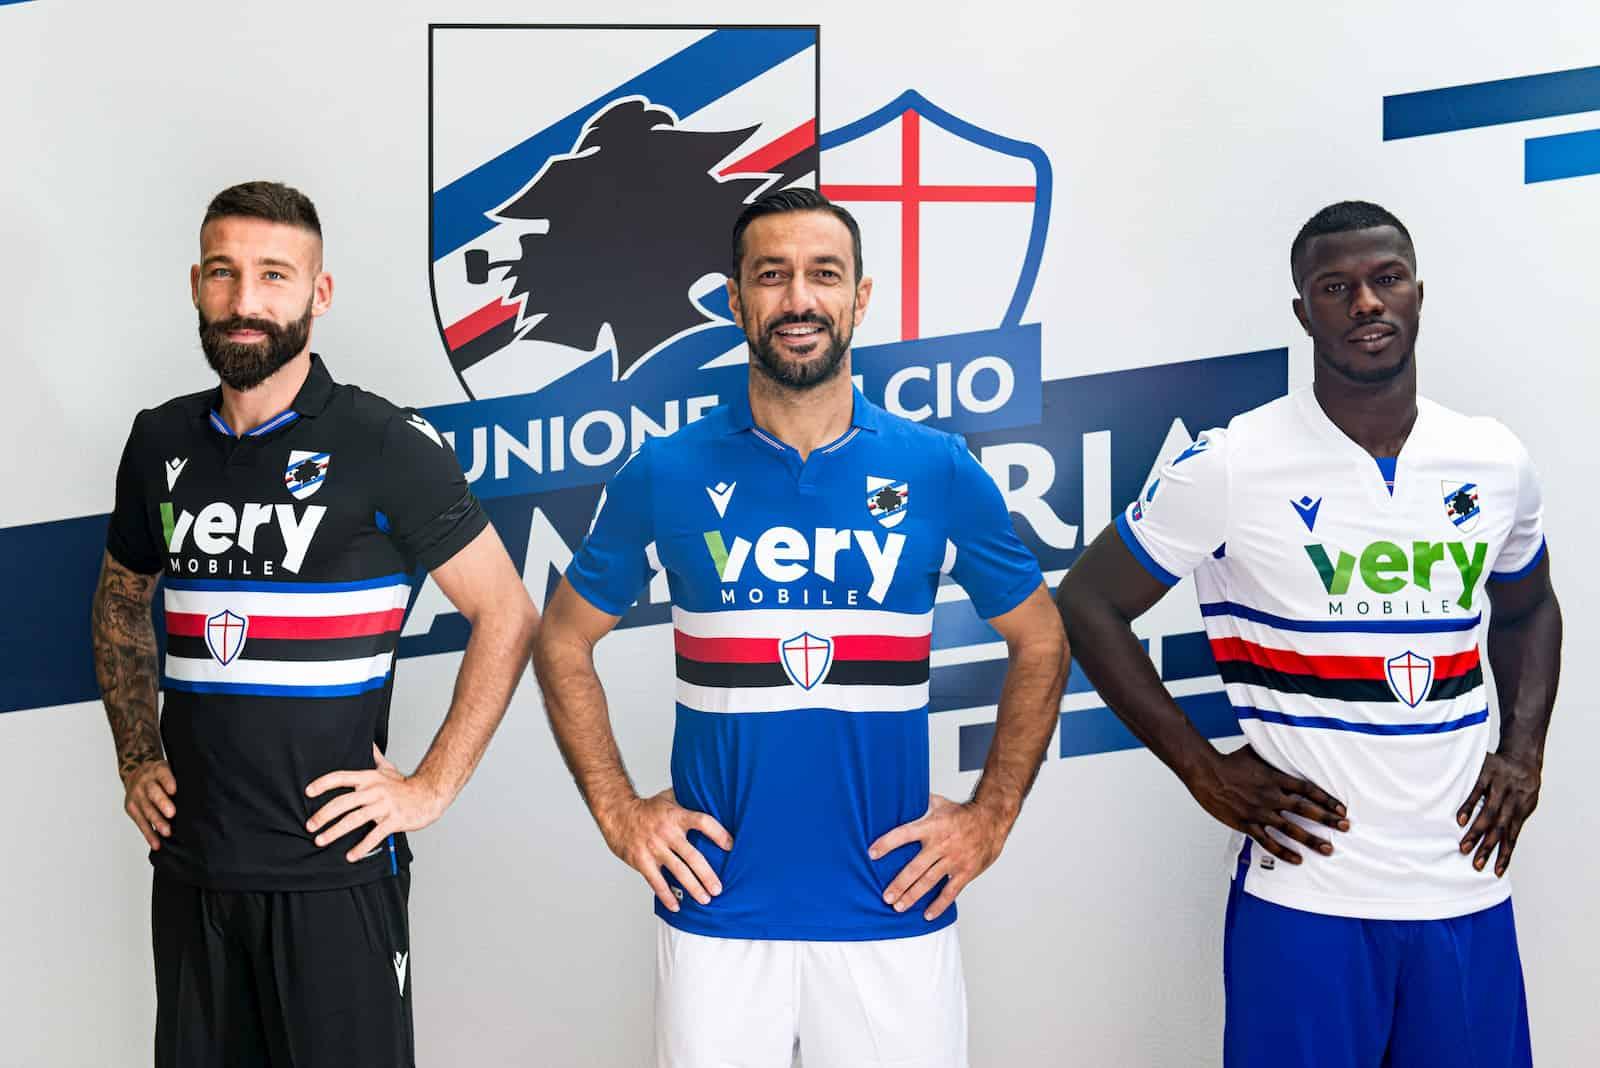 Very Mobile Sampdoria